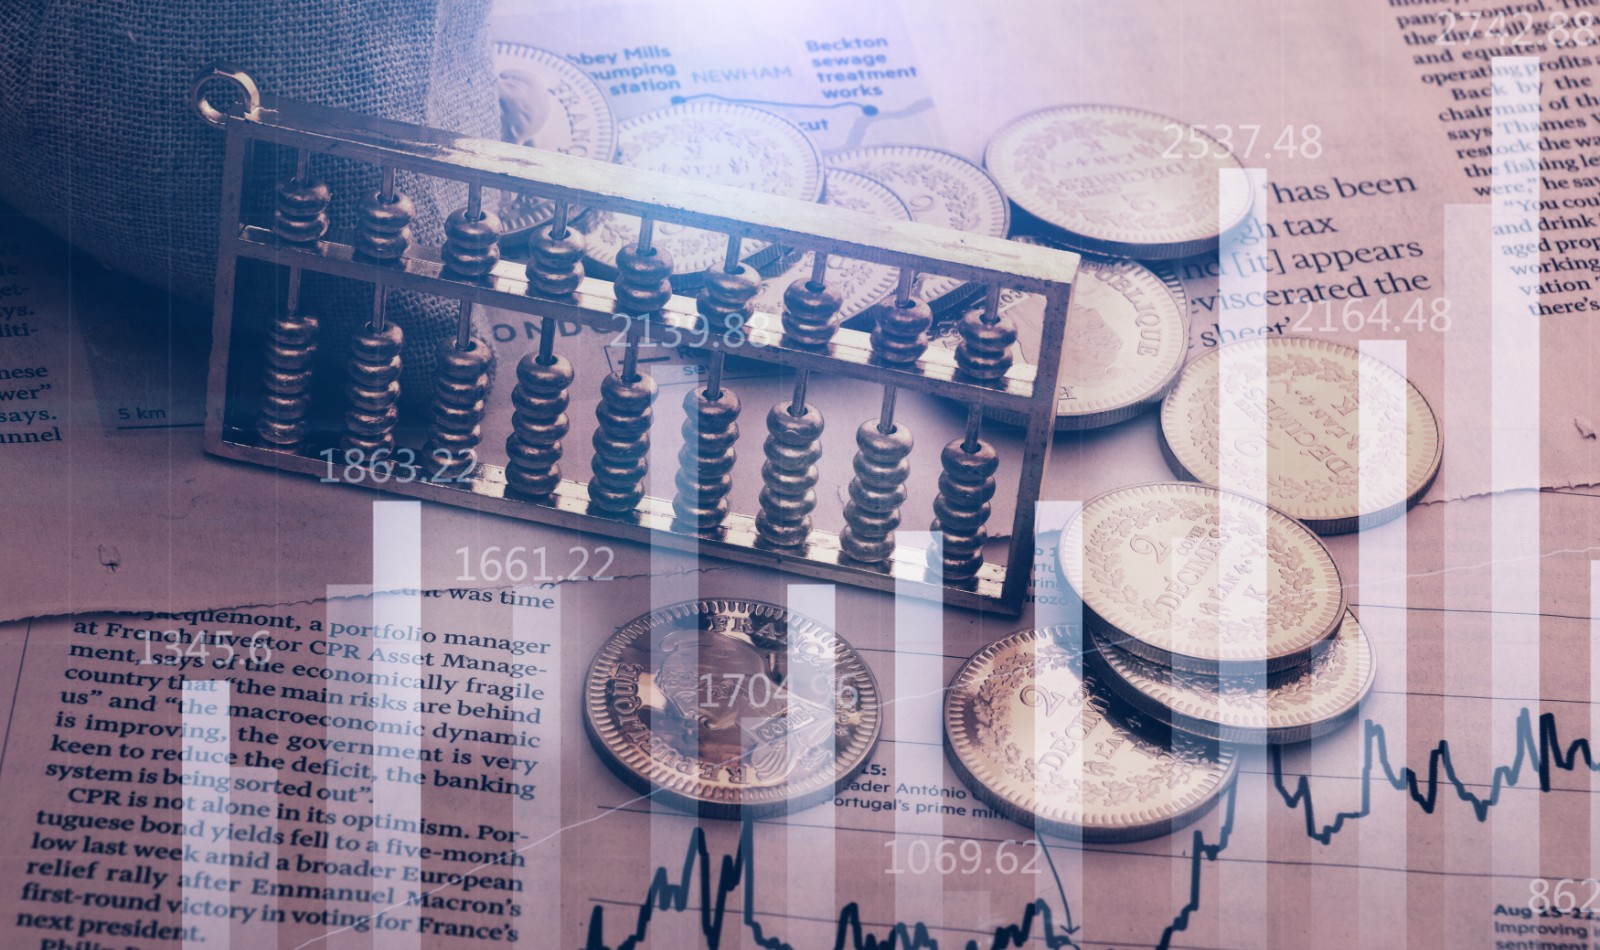 利亚德侵犯专利案胜诉,公司股价盘中达涨13%!